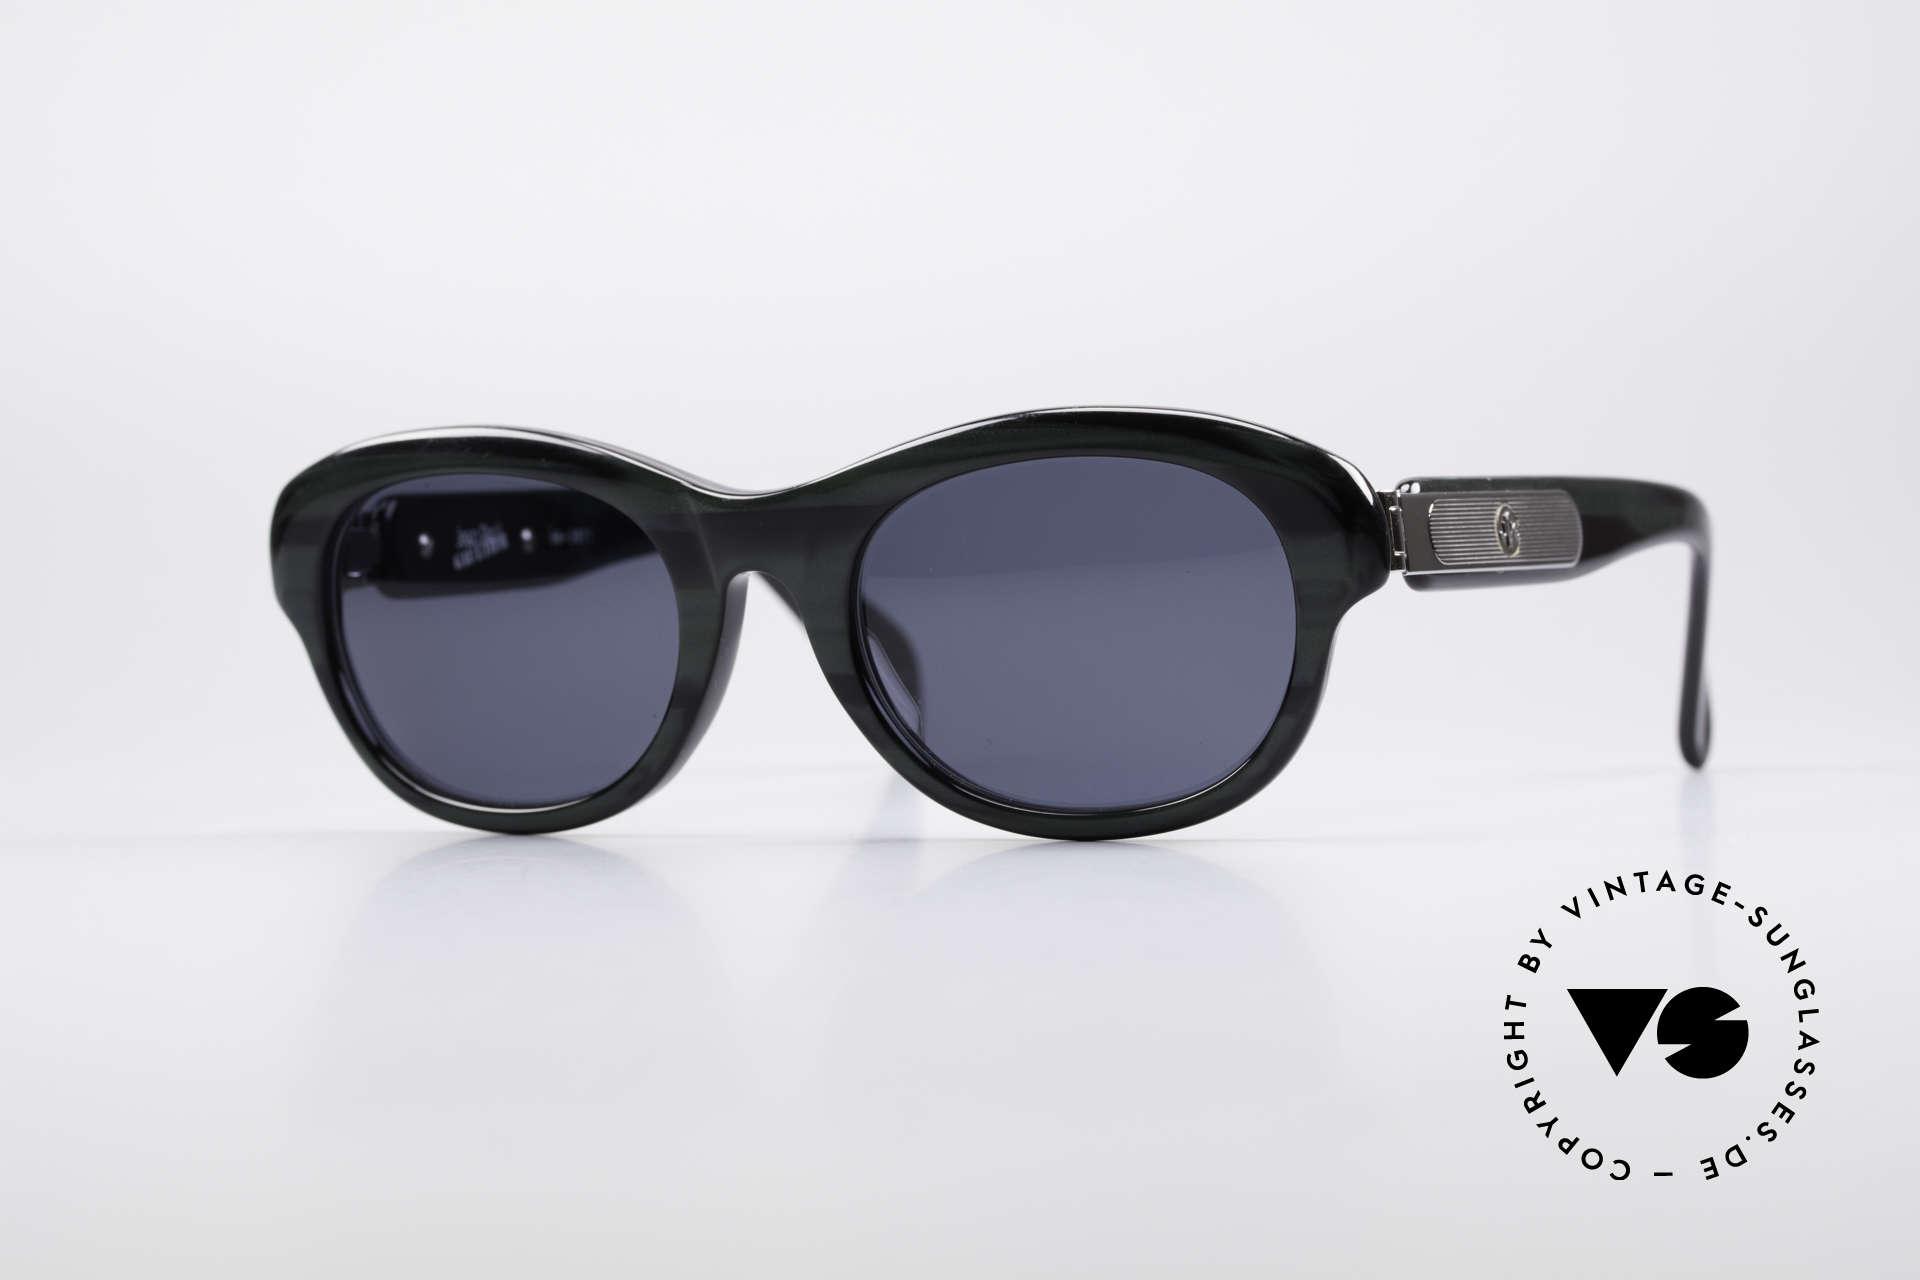 Jean Paul Gaultier 56-2071 True Vintage No Retro Brille, vintage 1990er Jean Paul Gaultier Kultsonnenbrille, Passend für Damen